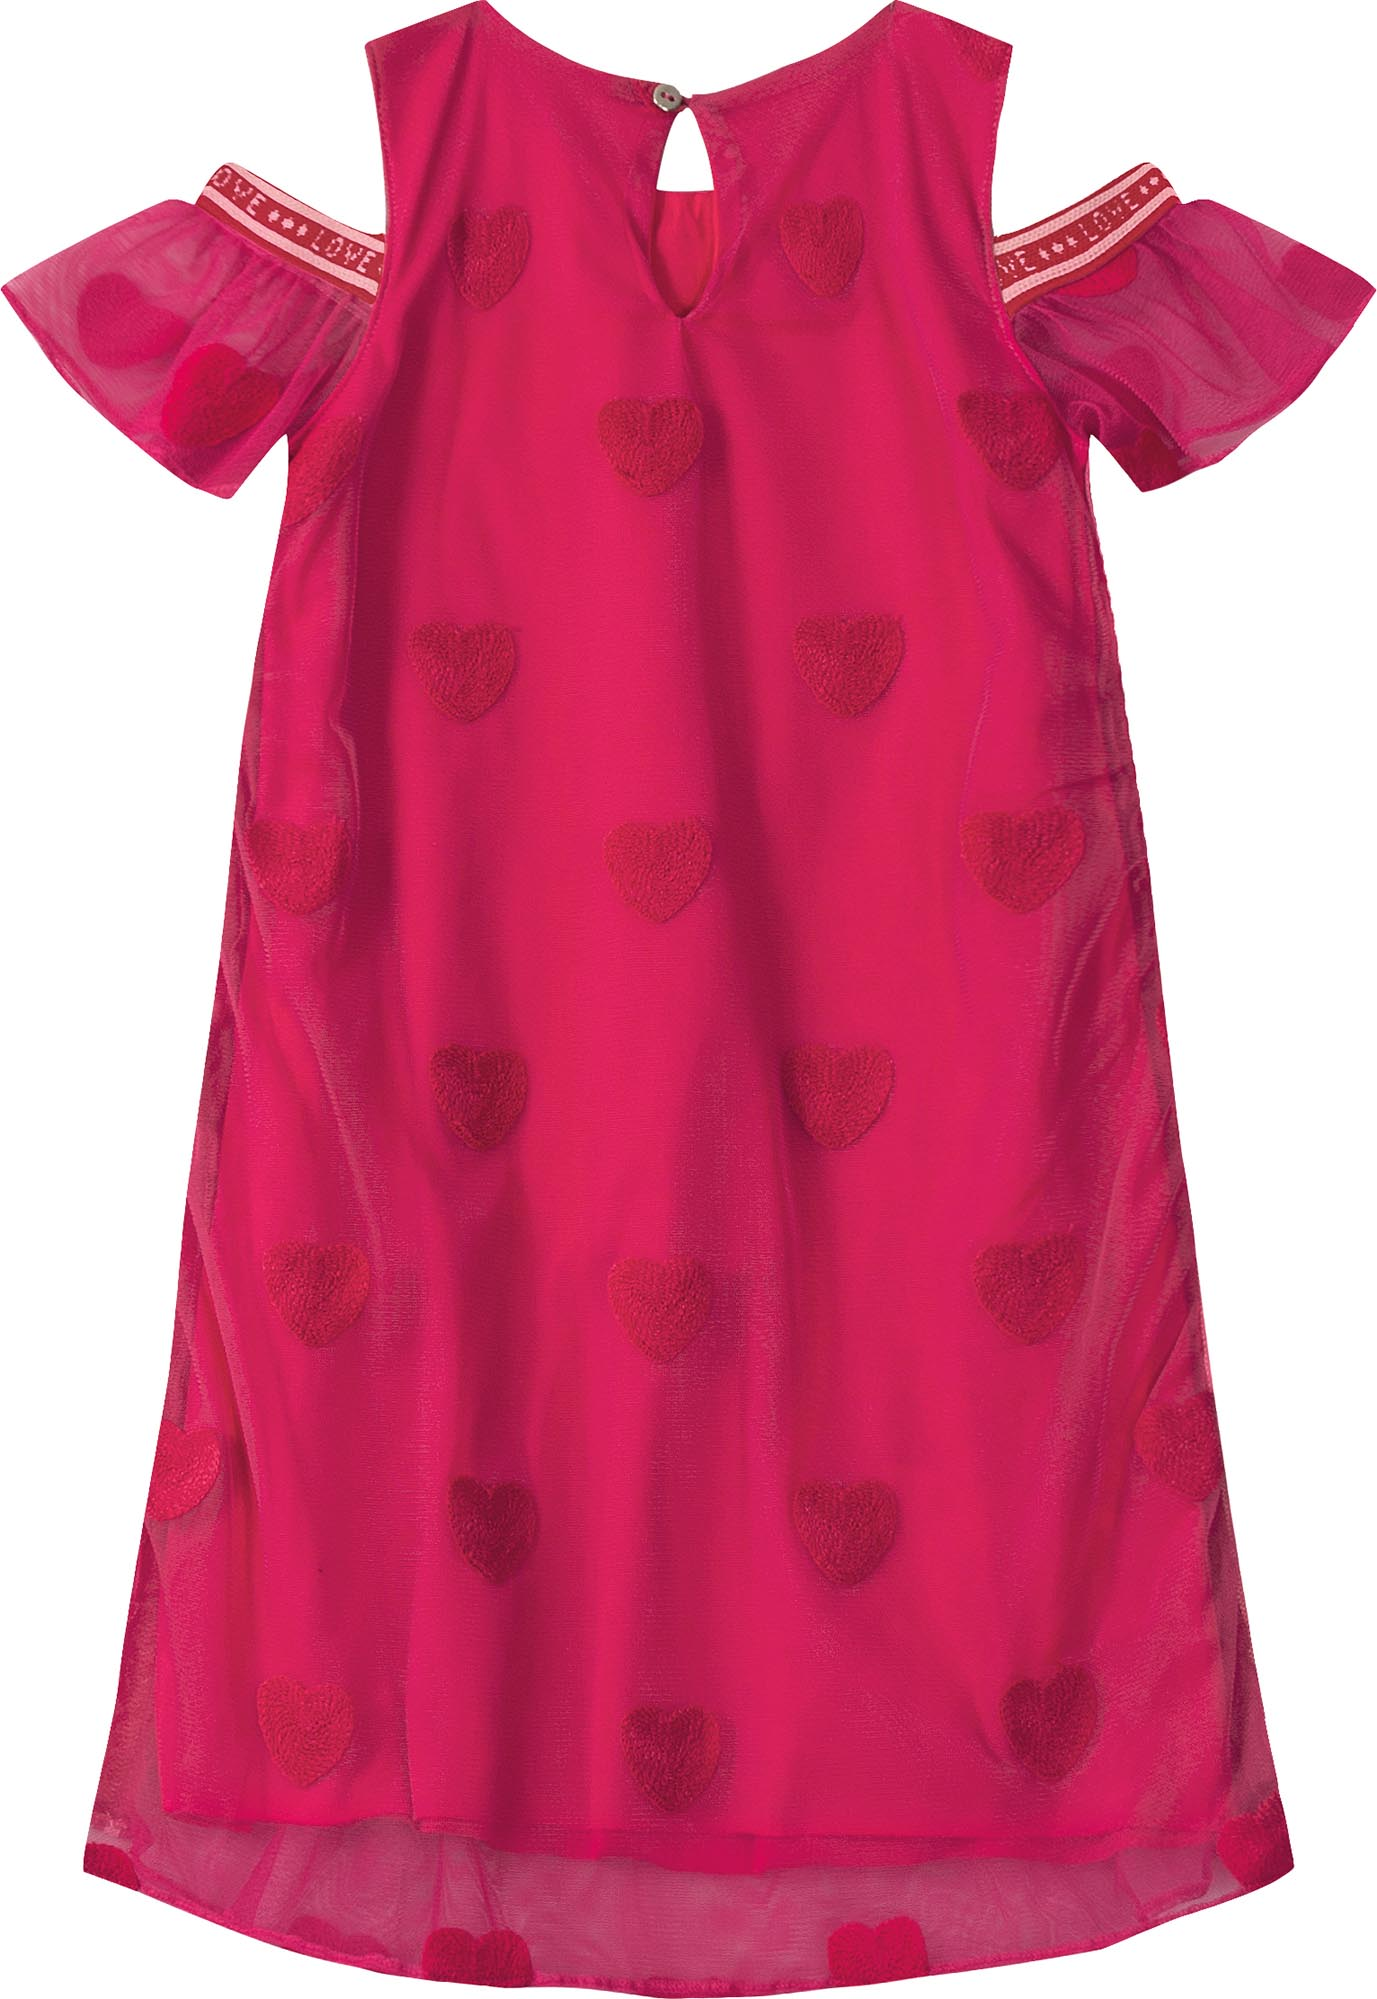 Vestido Tule Rosa Bordado Corações Tam 04 a 10 anos